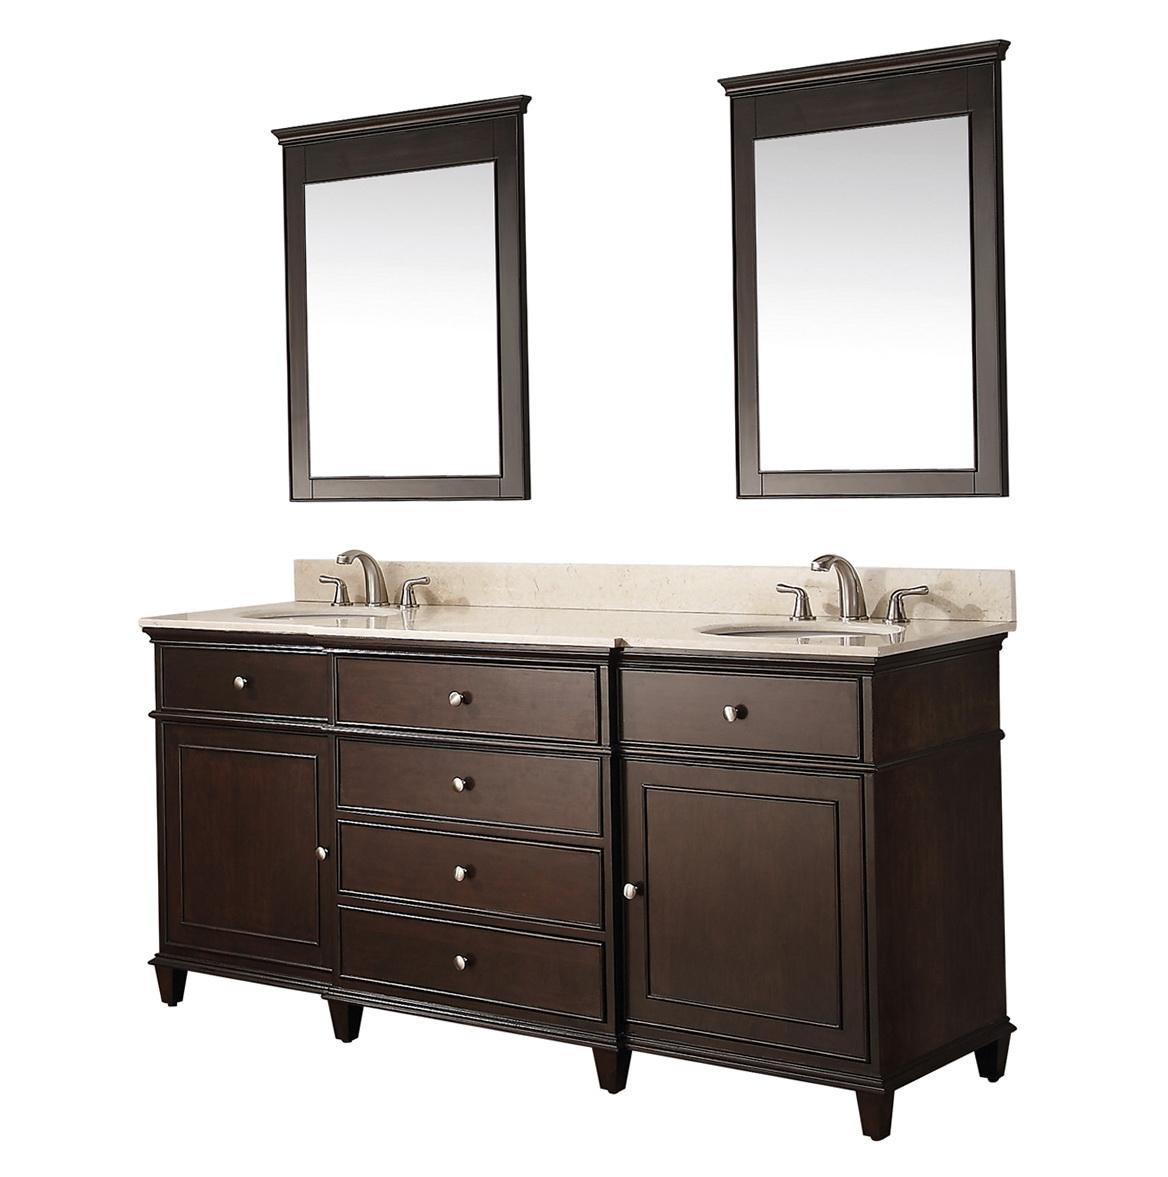 Double Sink Bathroom Vanity Dimensions